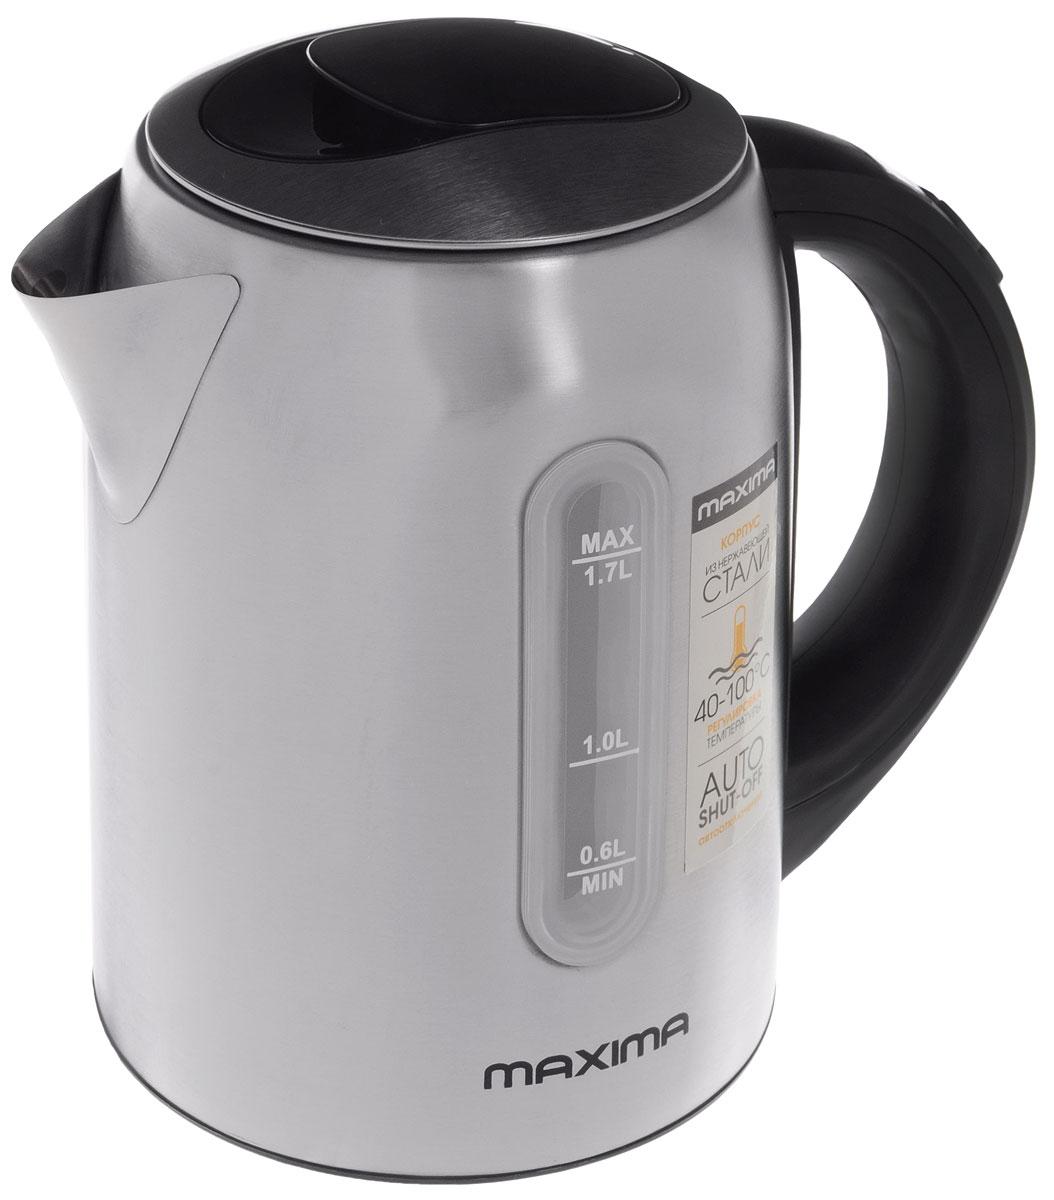 Maxima MK-M471 электрический чайникMK-M471Стильный чайник Maxima MK-M471 с дисковым нагревательным элементом позволит быстро вскипятить нужное количество воды. Корпус изготовлен из высококачественной стали, что обеспечивает прочность пробору и длительное сохранение высокой температуры воды. Ручка чайника изготовлена из термостойкого пластика. Особенностью данной модели является наличие терморегулятора, позволяющего поддерживать температуру в диапазоне от 40 до 100 градусов.